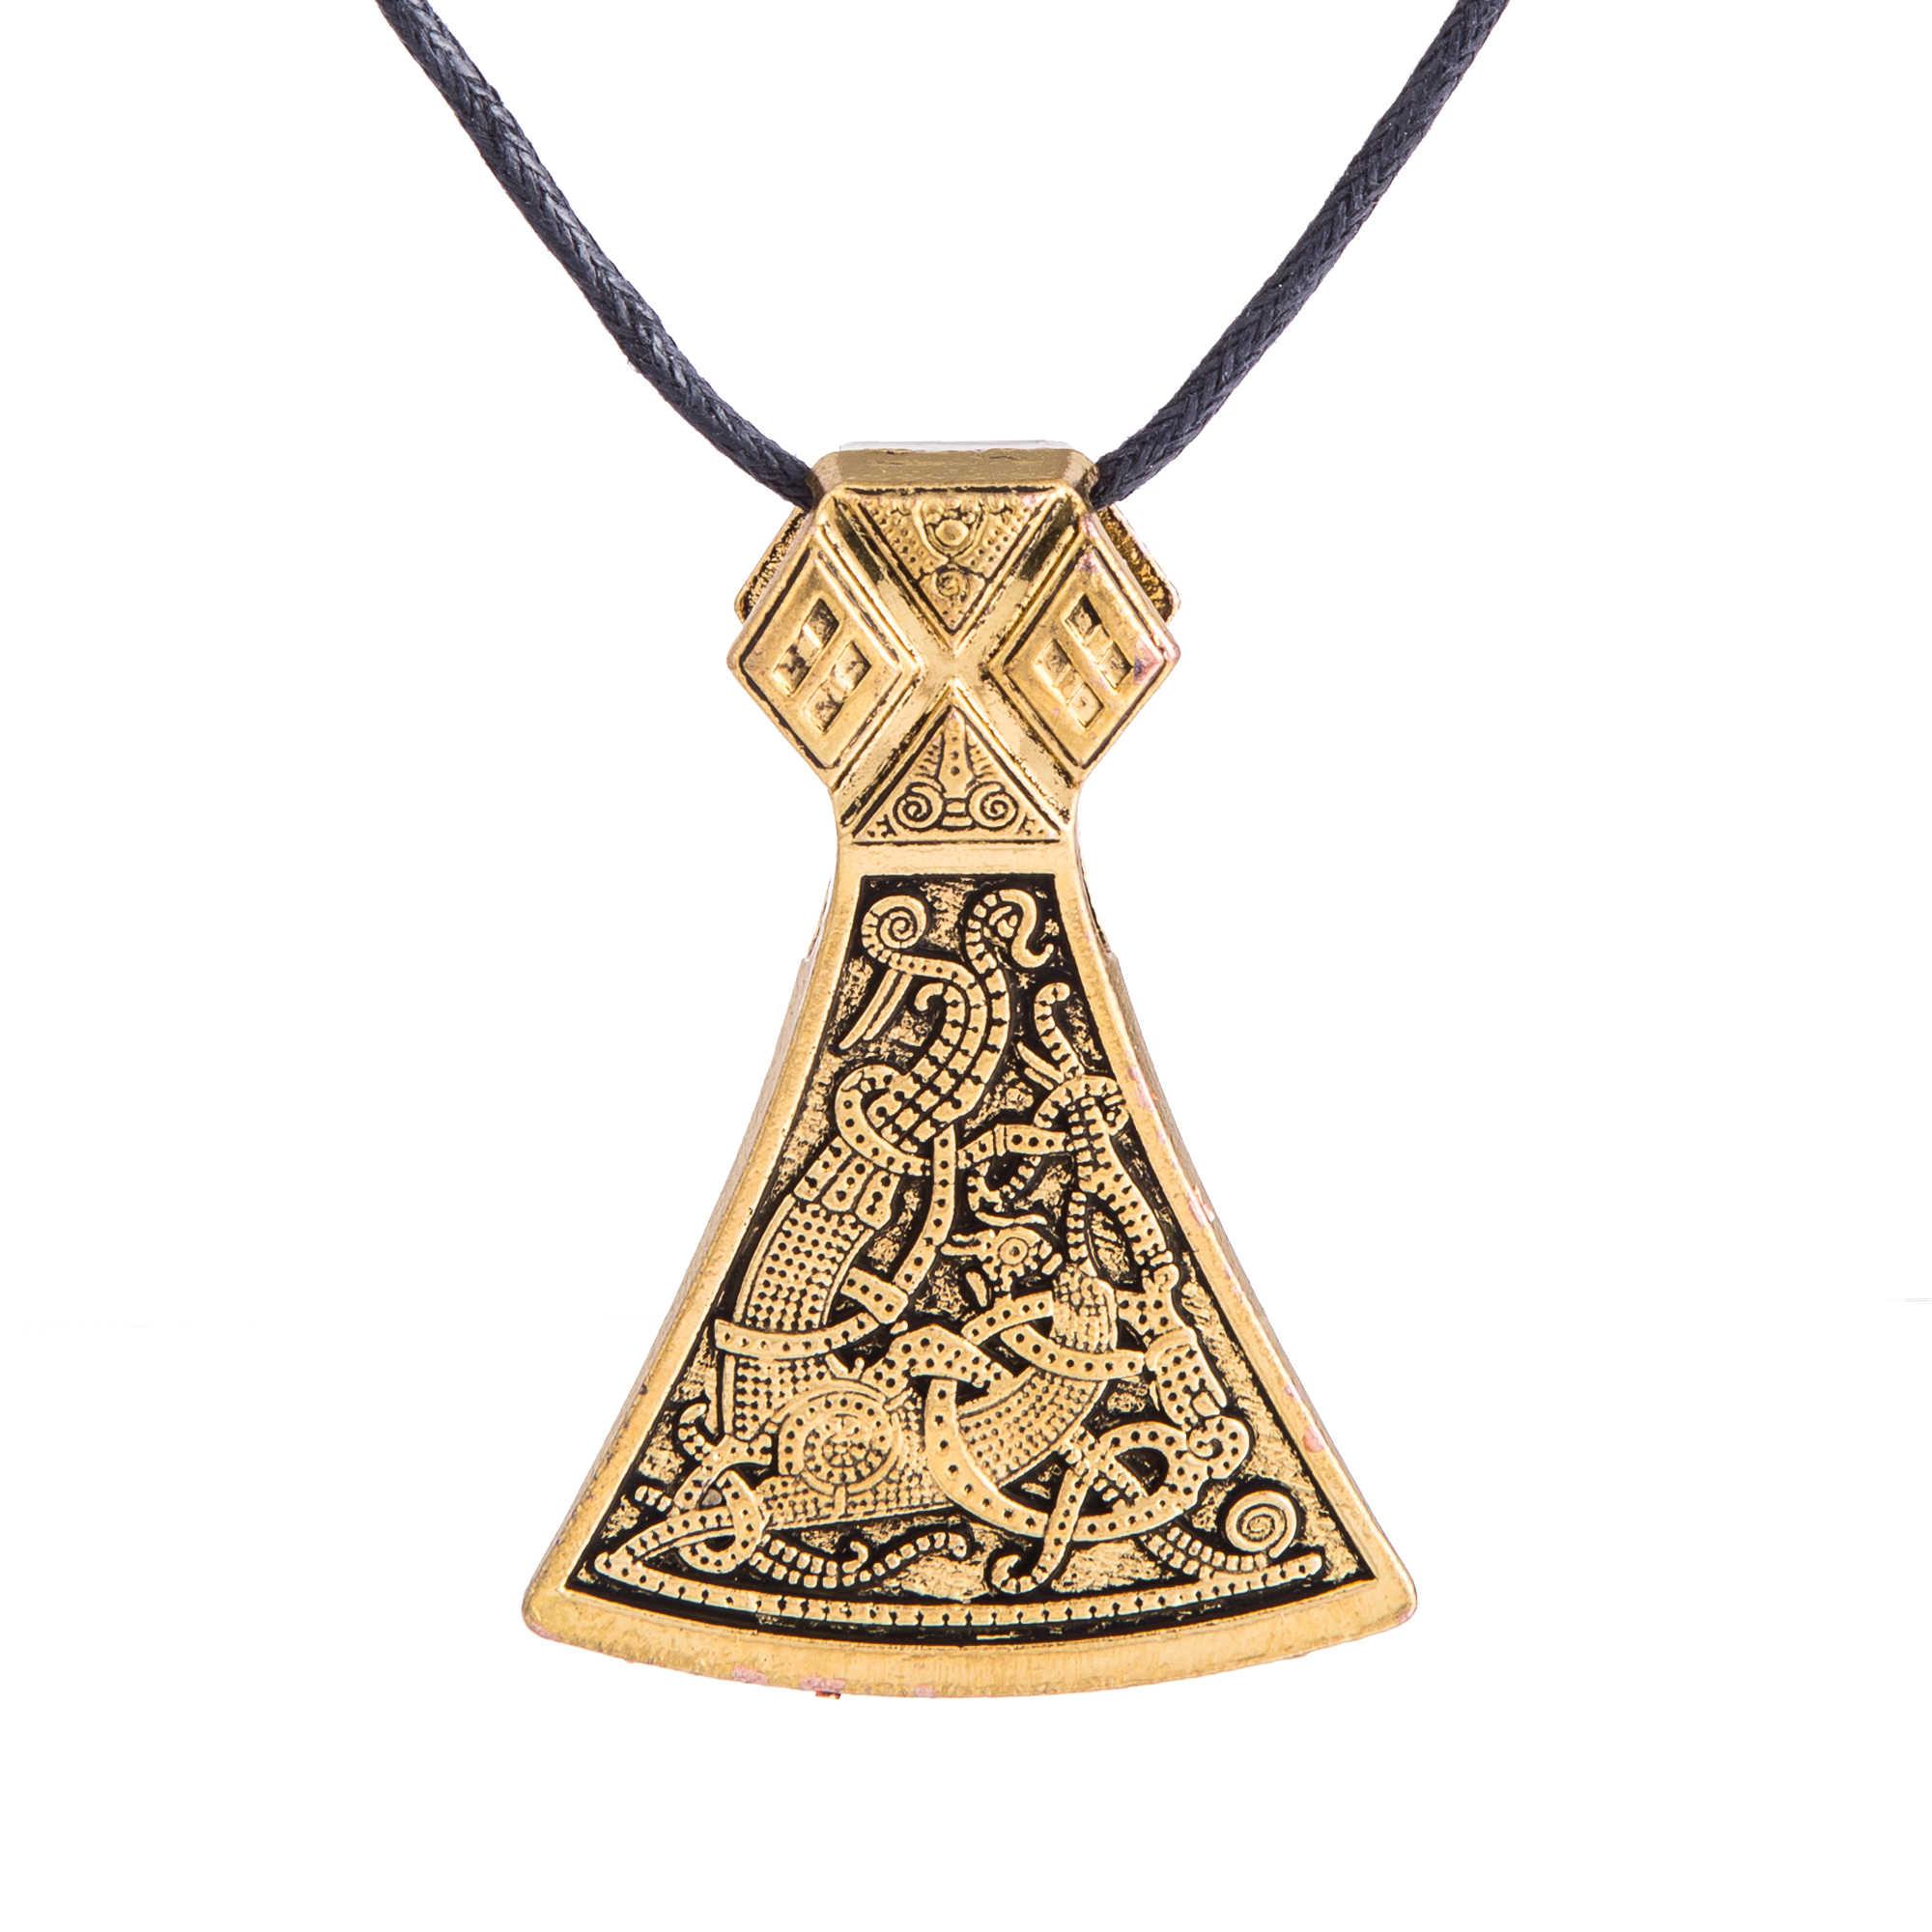 รูปร่างของฉัน Slavic Thor ค้อนขวานไวกิ้ง Perun จี้สร้อยคอไวกิ้ง Amulet ผู้ชายและผู้หญิงเครื่องประดับ